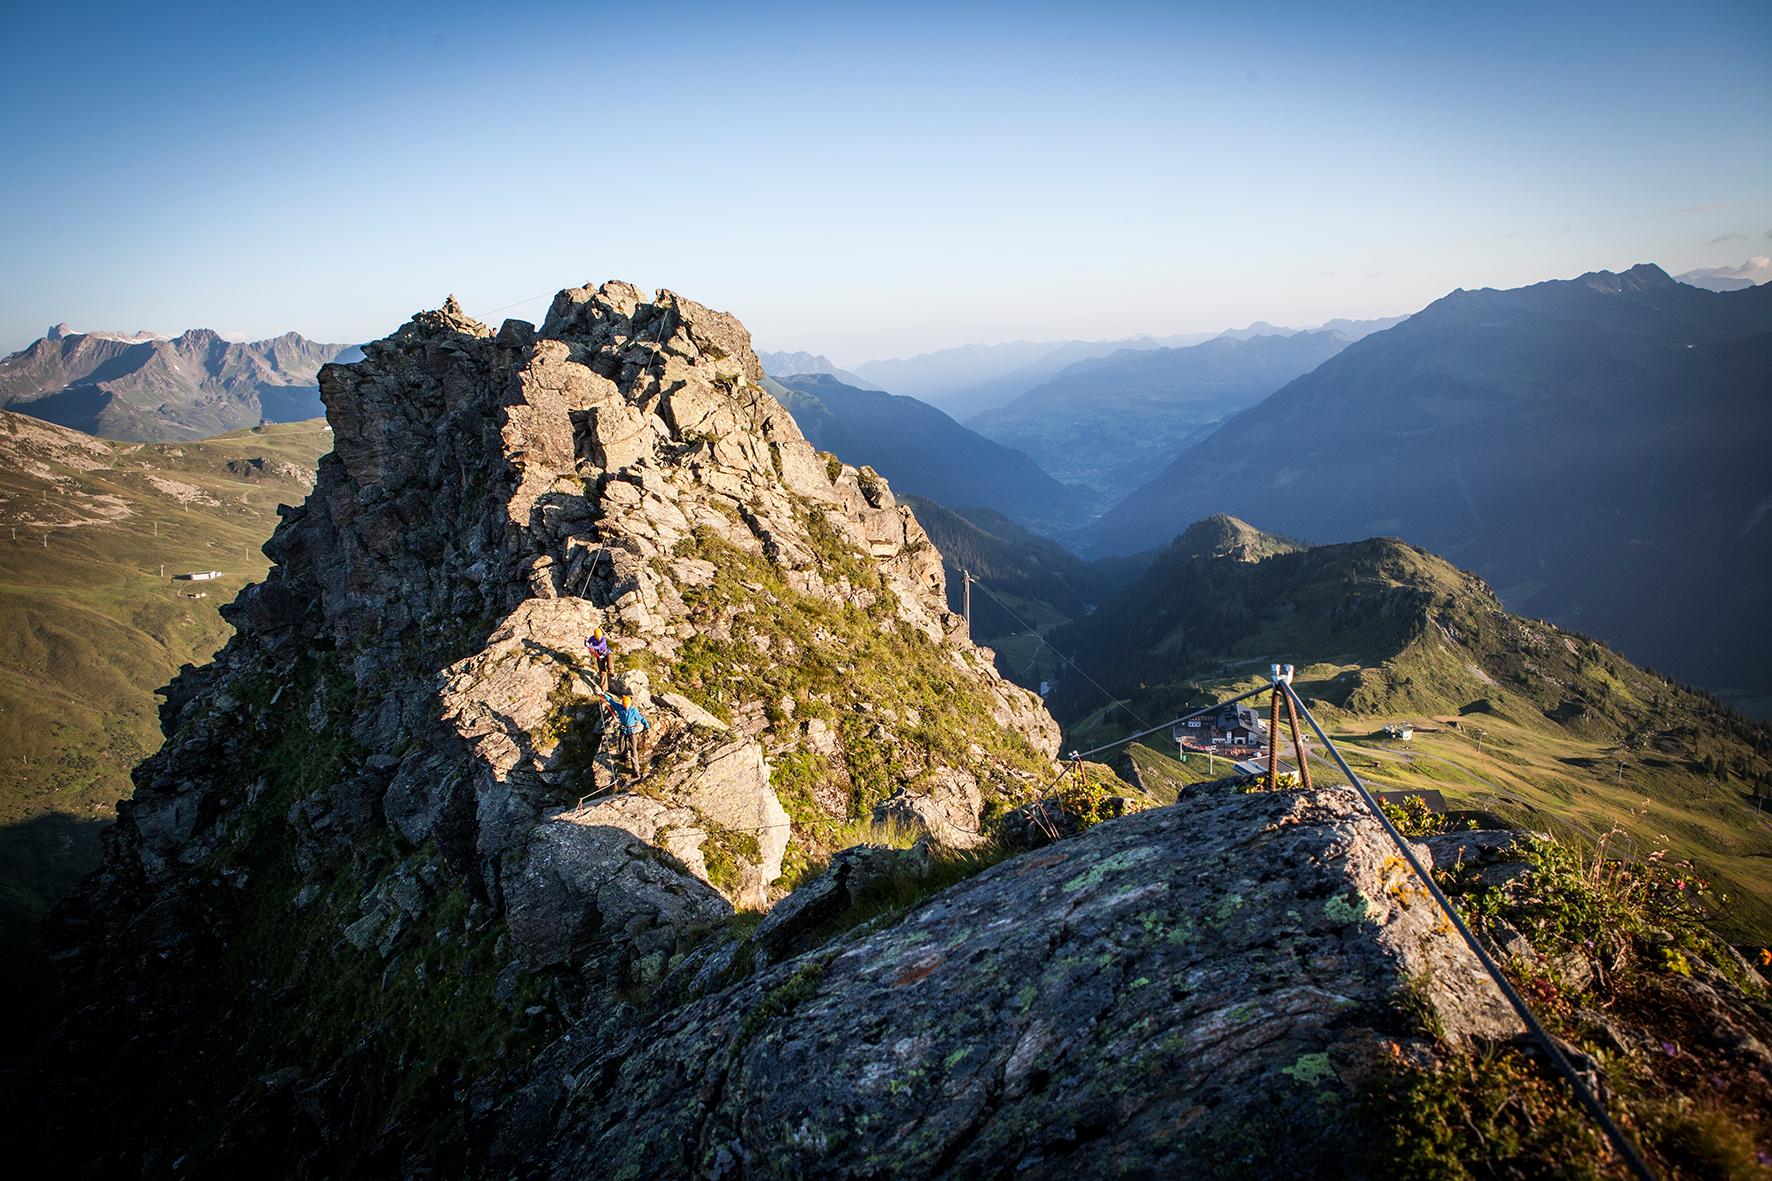 Klettersteig Burg : Klettersteig burg versettla bahn explorer hotel montafon